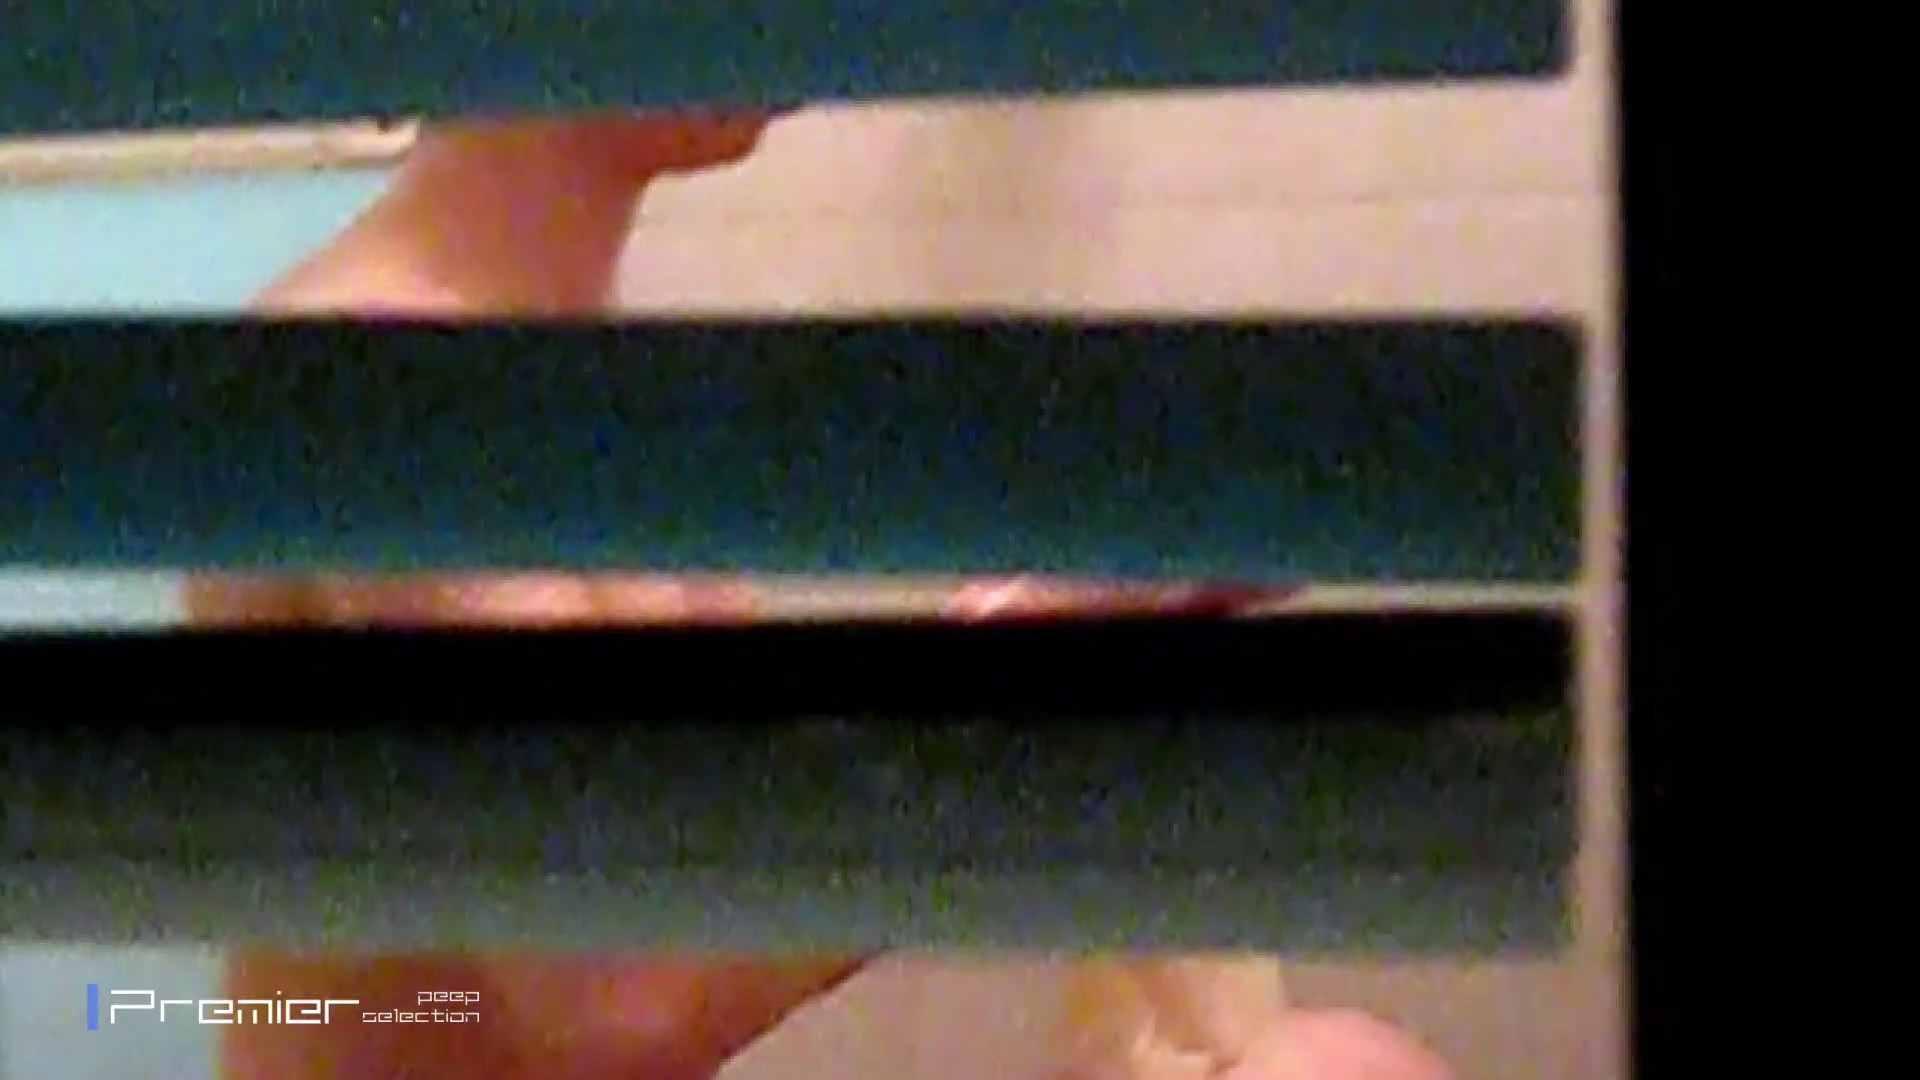 水面から透ける剛毛マン毛 乙女の風呂場 Vol.12 投稿 すけべAV動画紹介 53pic 11